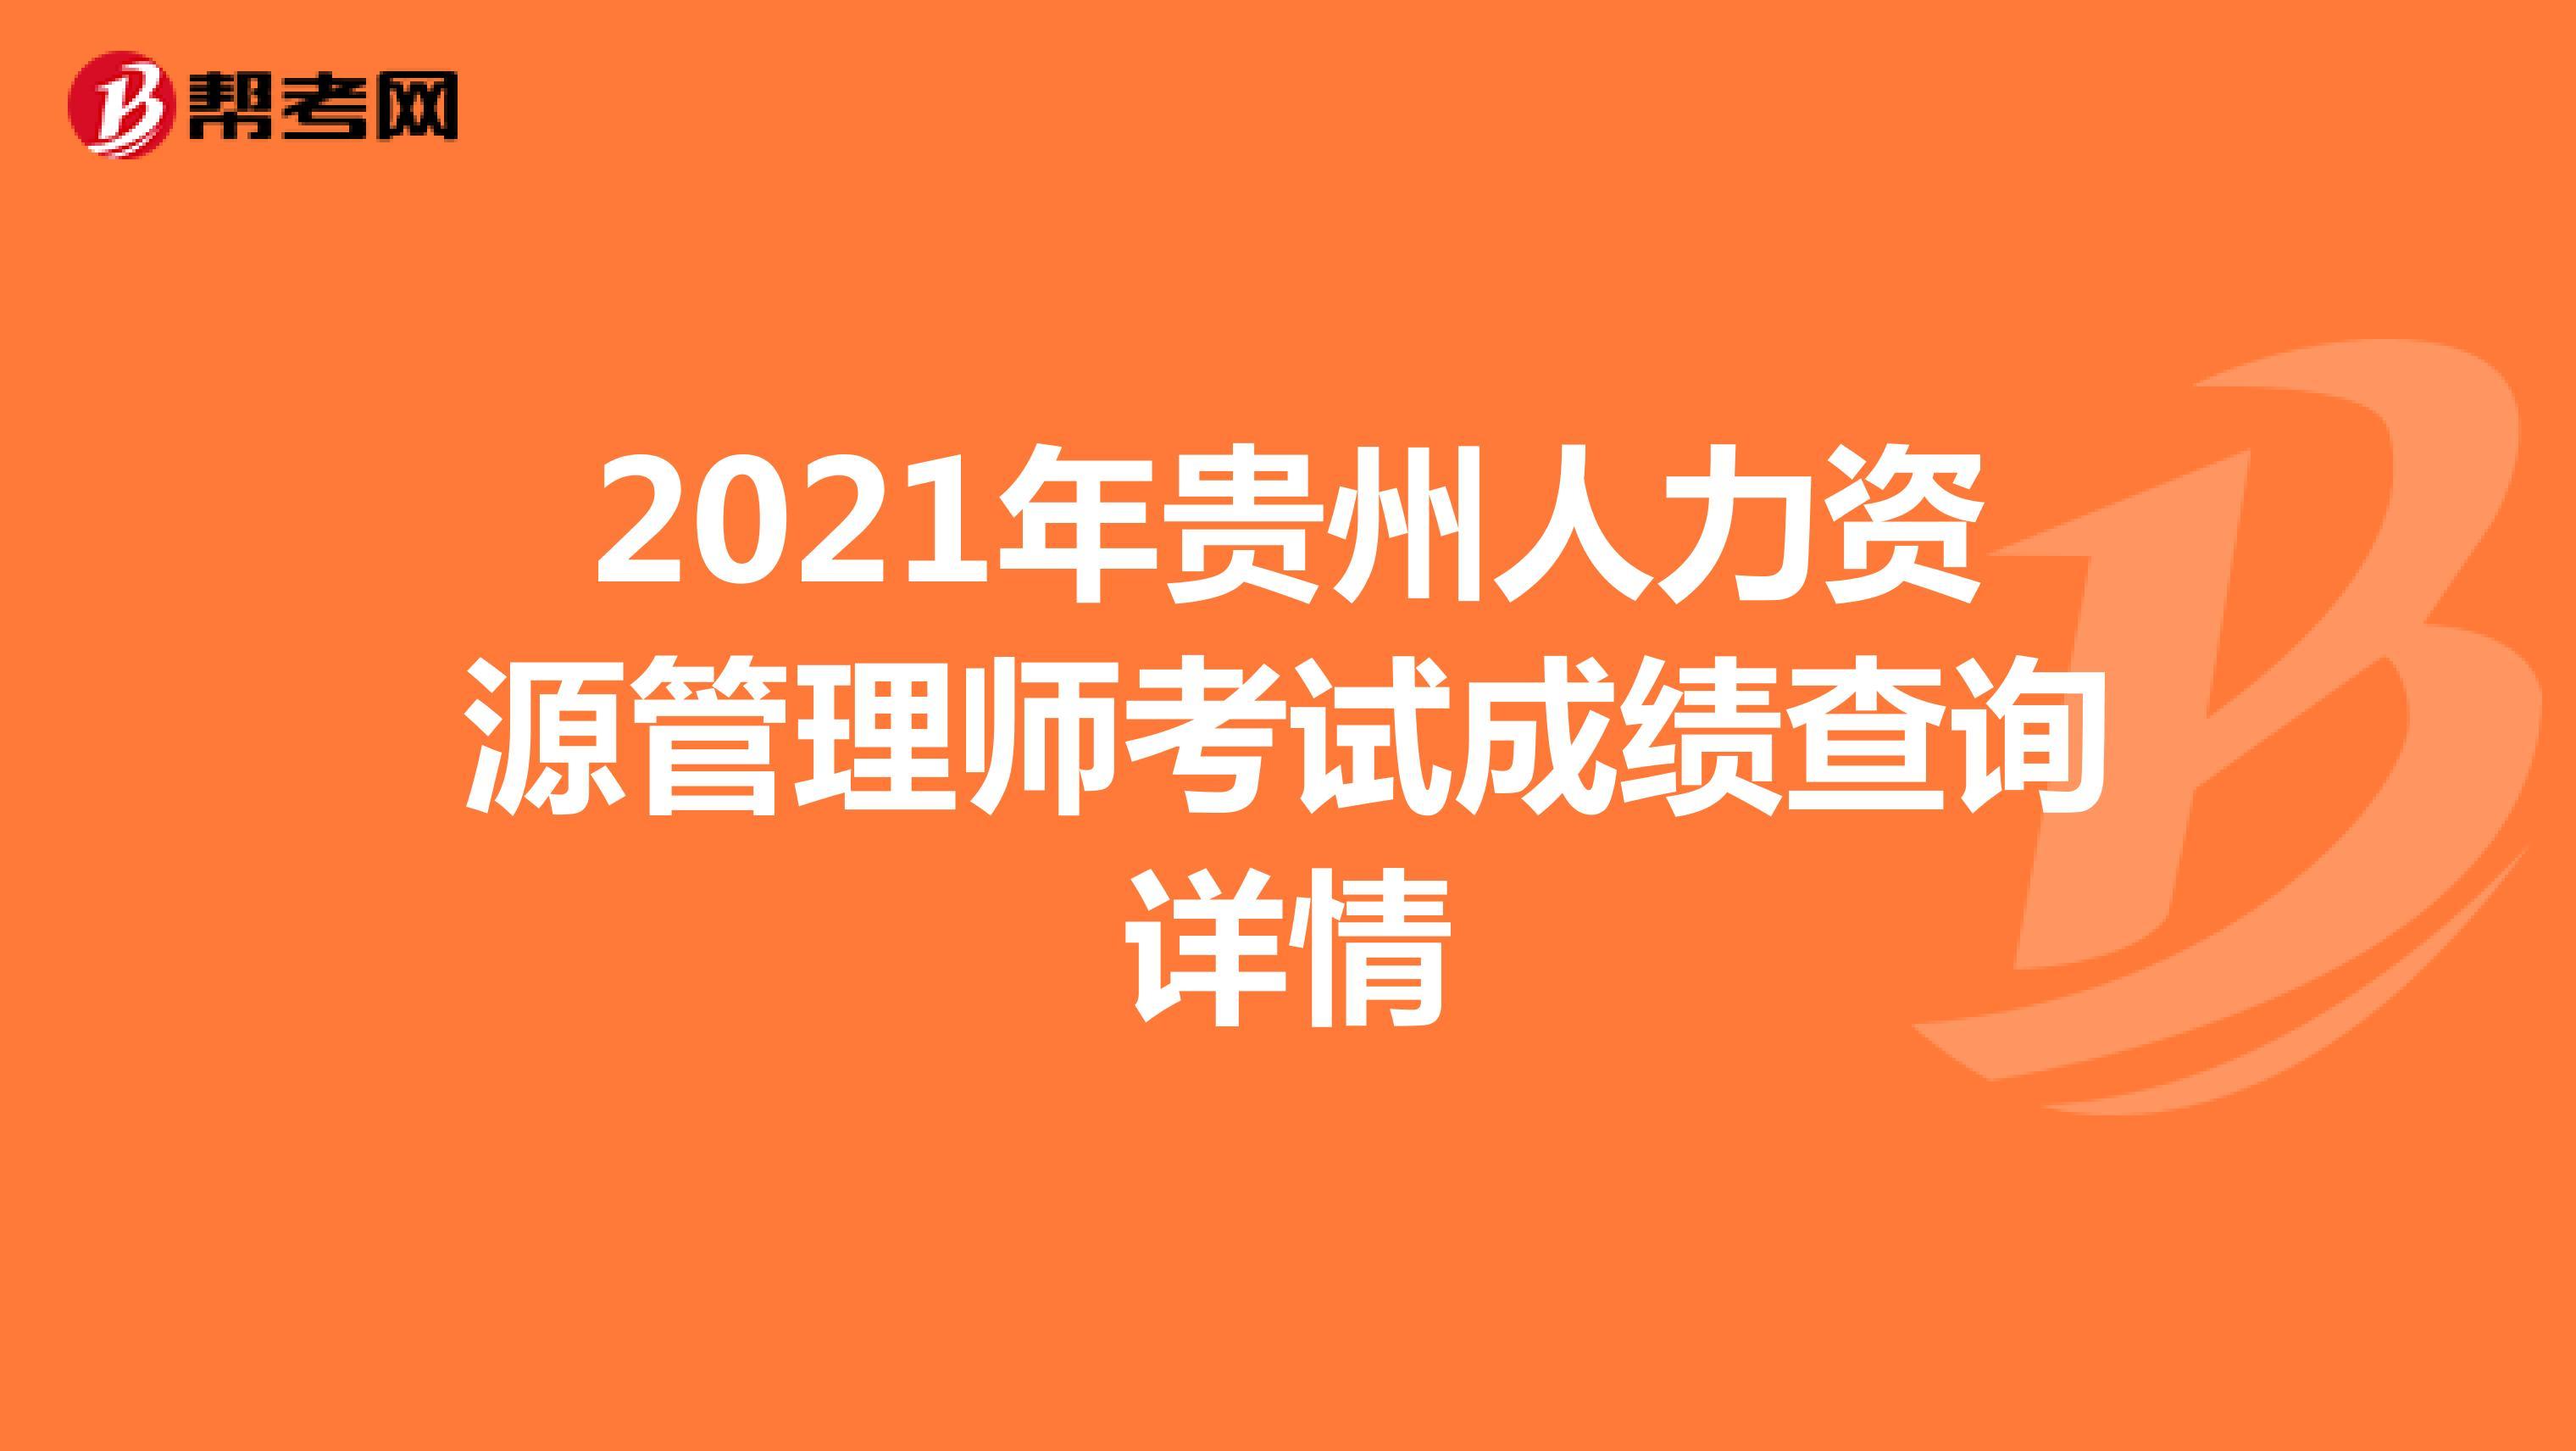 2021年贵州人力资源管理师考试成绩查询详情